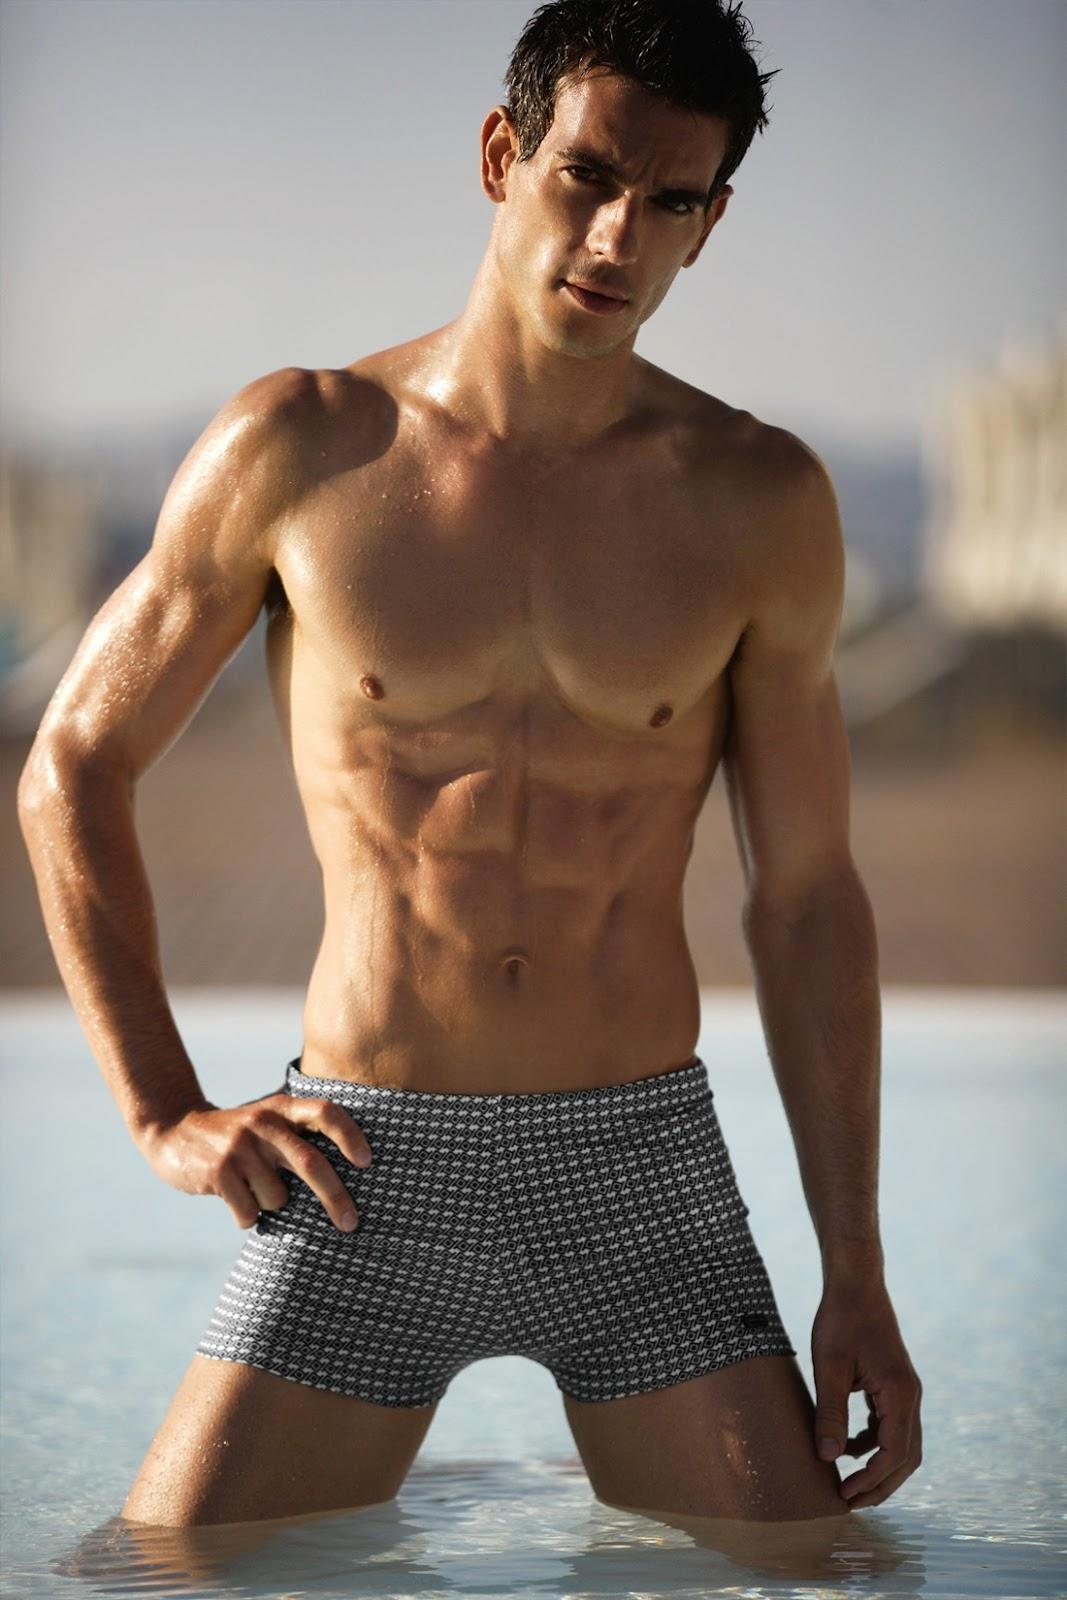 nude black gay model